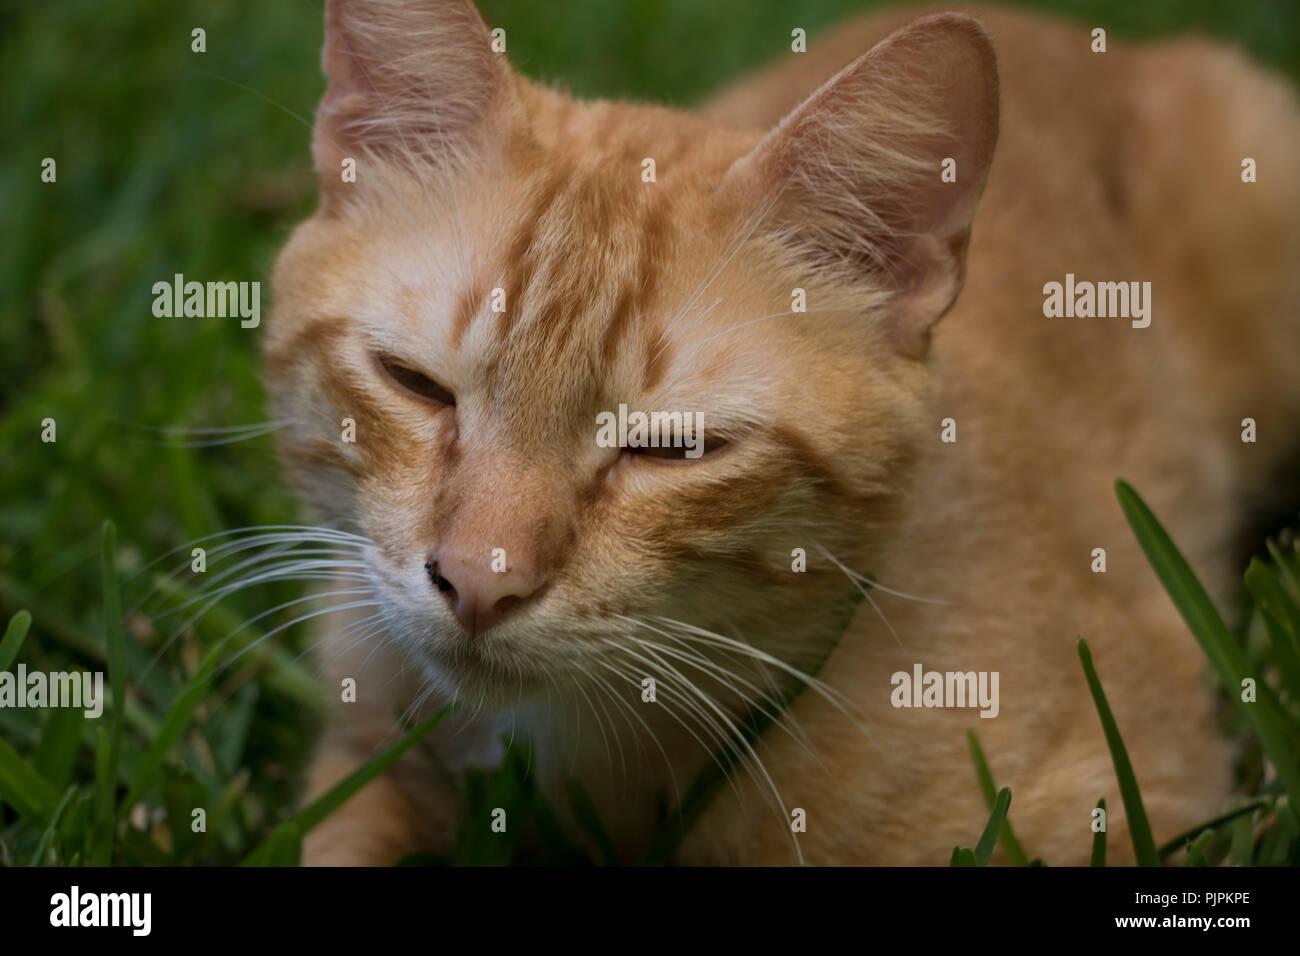 Cat dormirse después de un largo día. Cat Purring purring con los ojos cerrados. Imagen De Stock